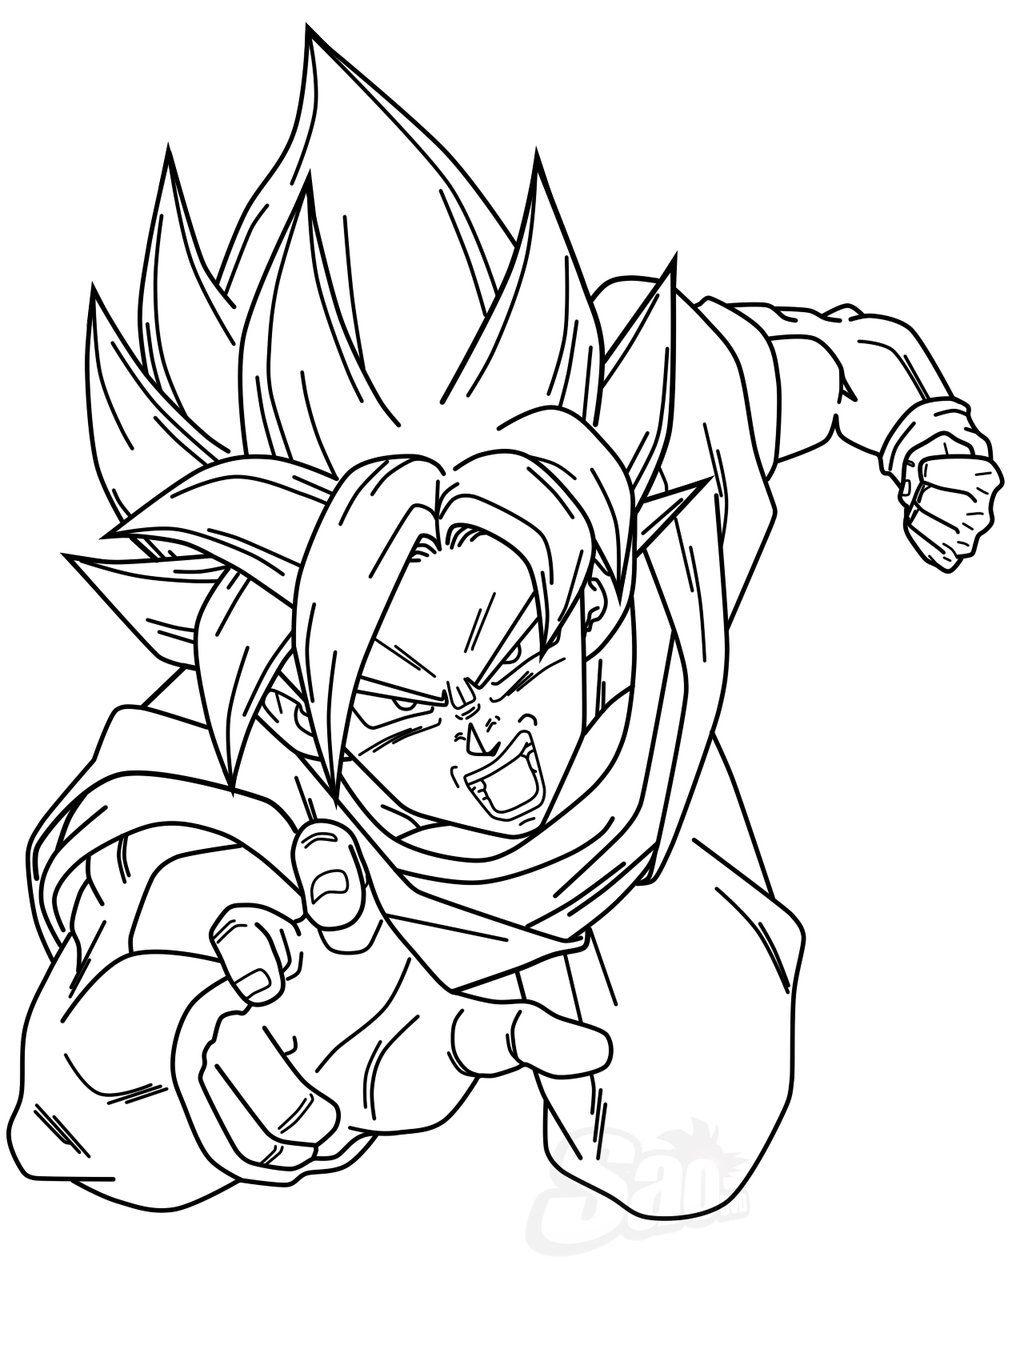 Dragon Ball Anime Goku And Gohan Coloring Pages For Kids Printable Free Dragon Coloring Page Cute Dragons Dragon Ball Z